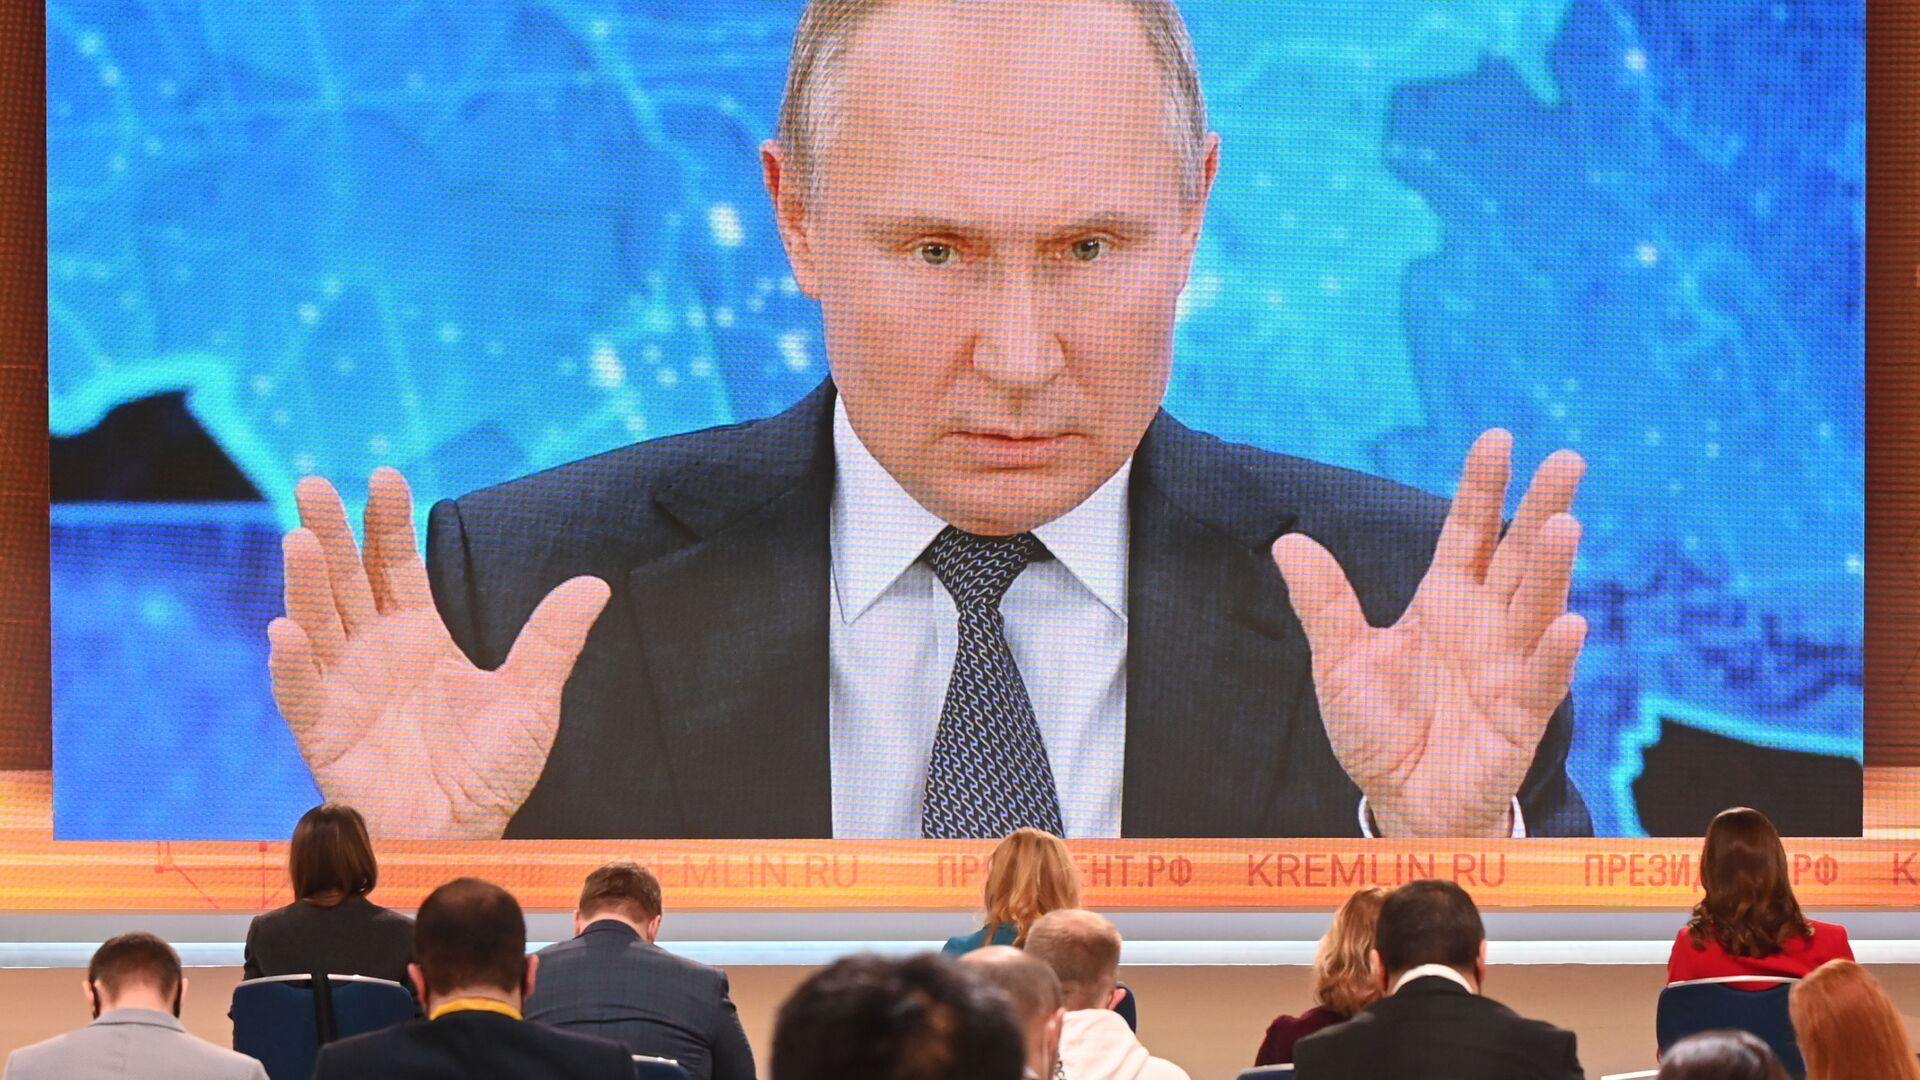 Трансляция большой пресс-конференции президента РФ В. Путина - Sputnik Таджикистан, 1920, 17.08.2021